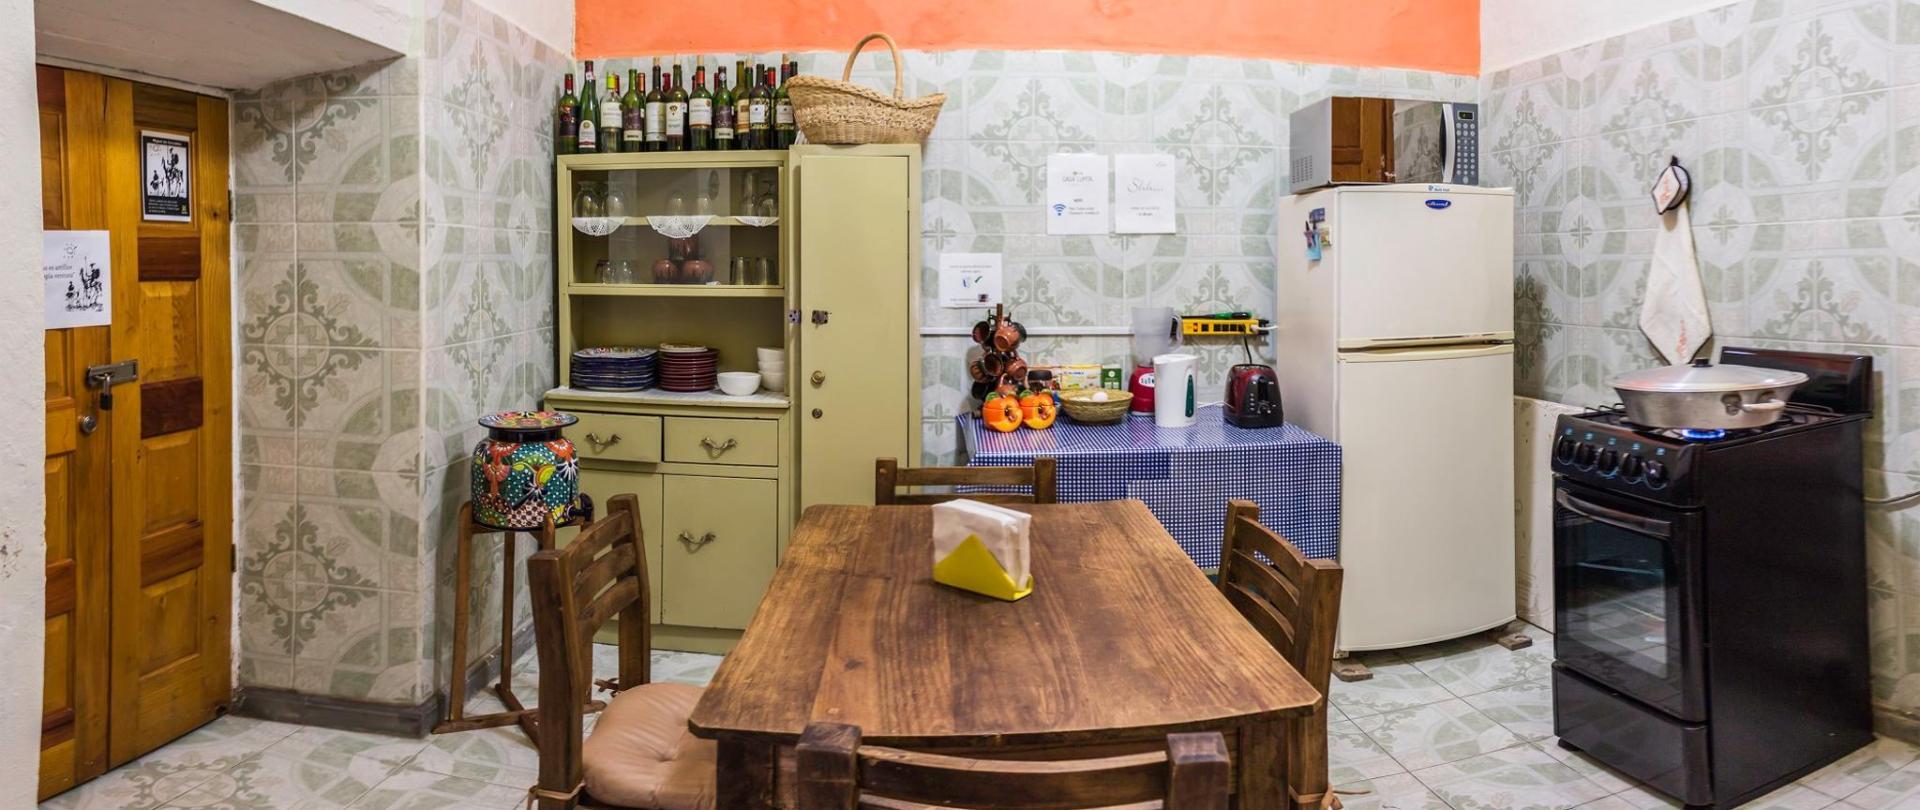 IMG_3329-Pano-cocina.jpg